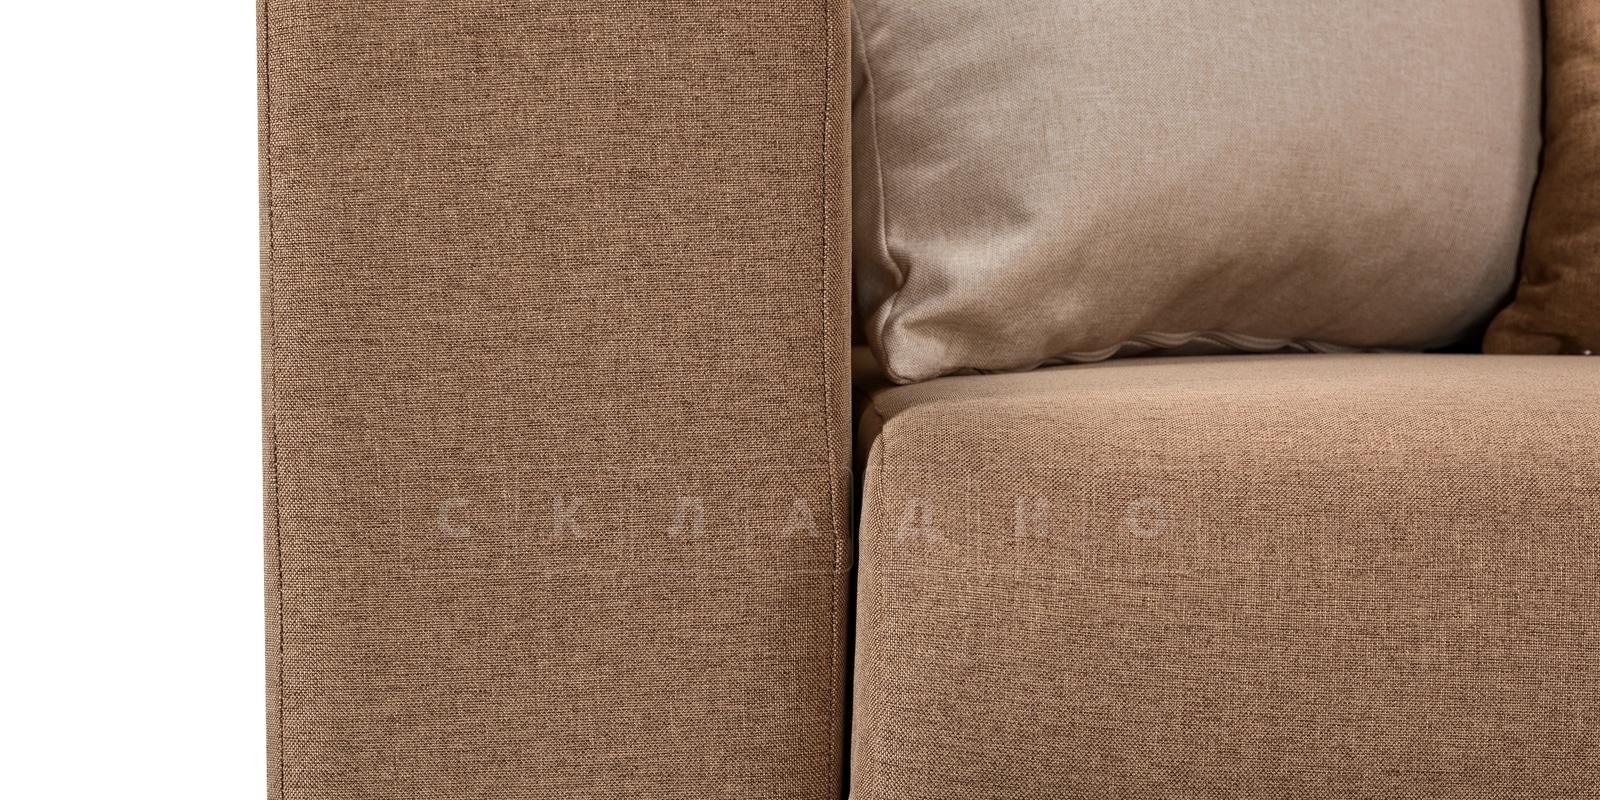 Угловой диван Медисон коричневый 345х224 см фото 6 | интернет-магазин Складно